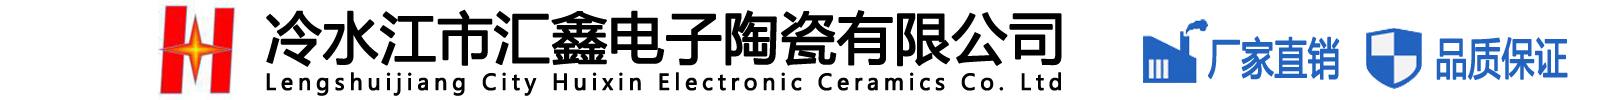 冷水江市汇鑫电子陶瓷有限公司